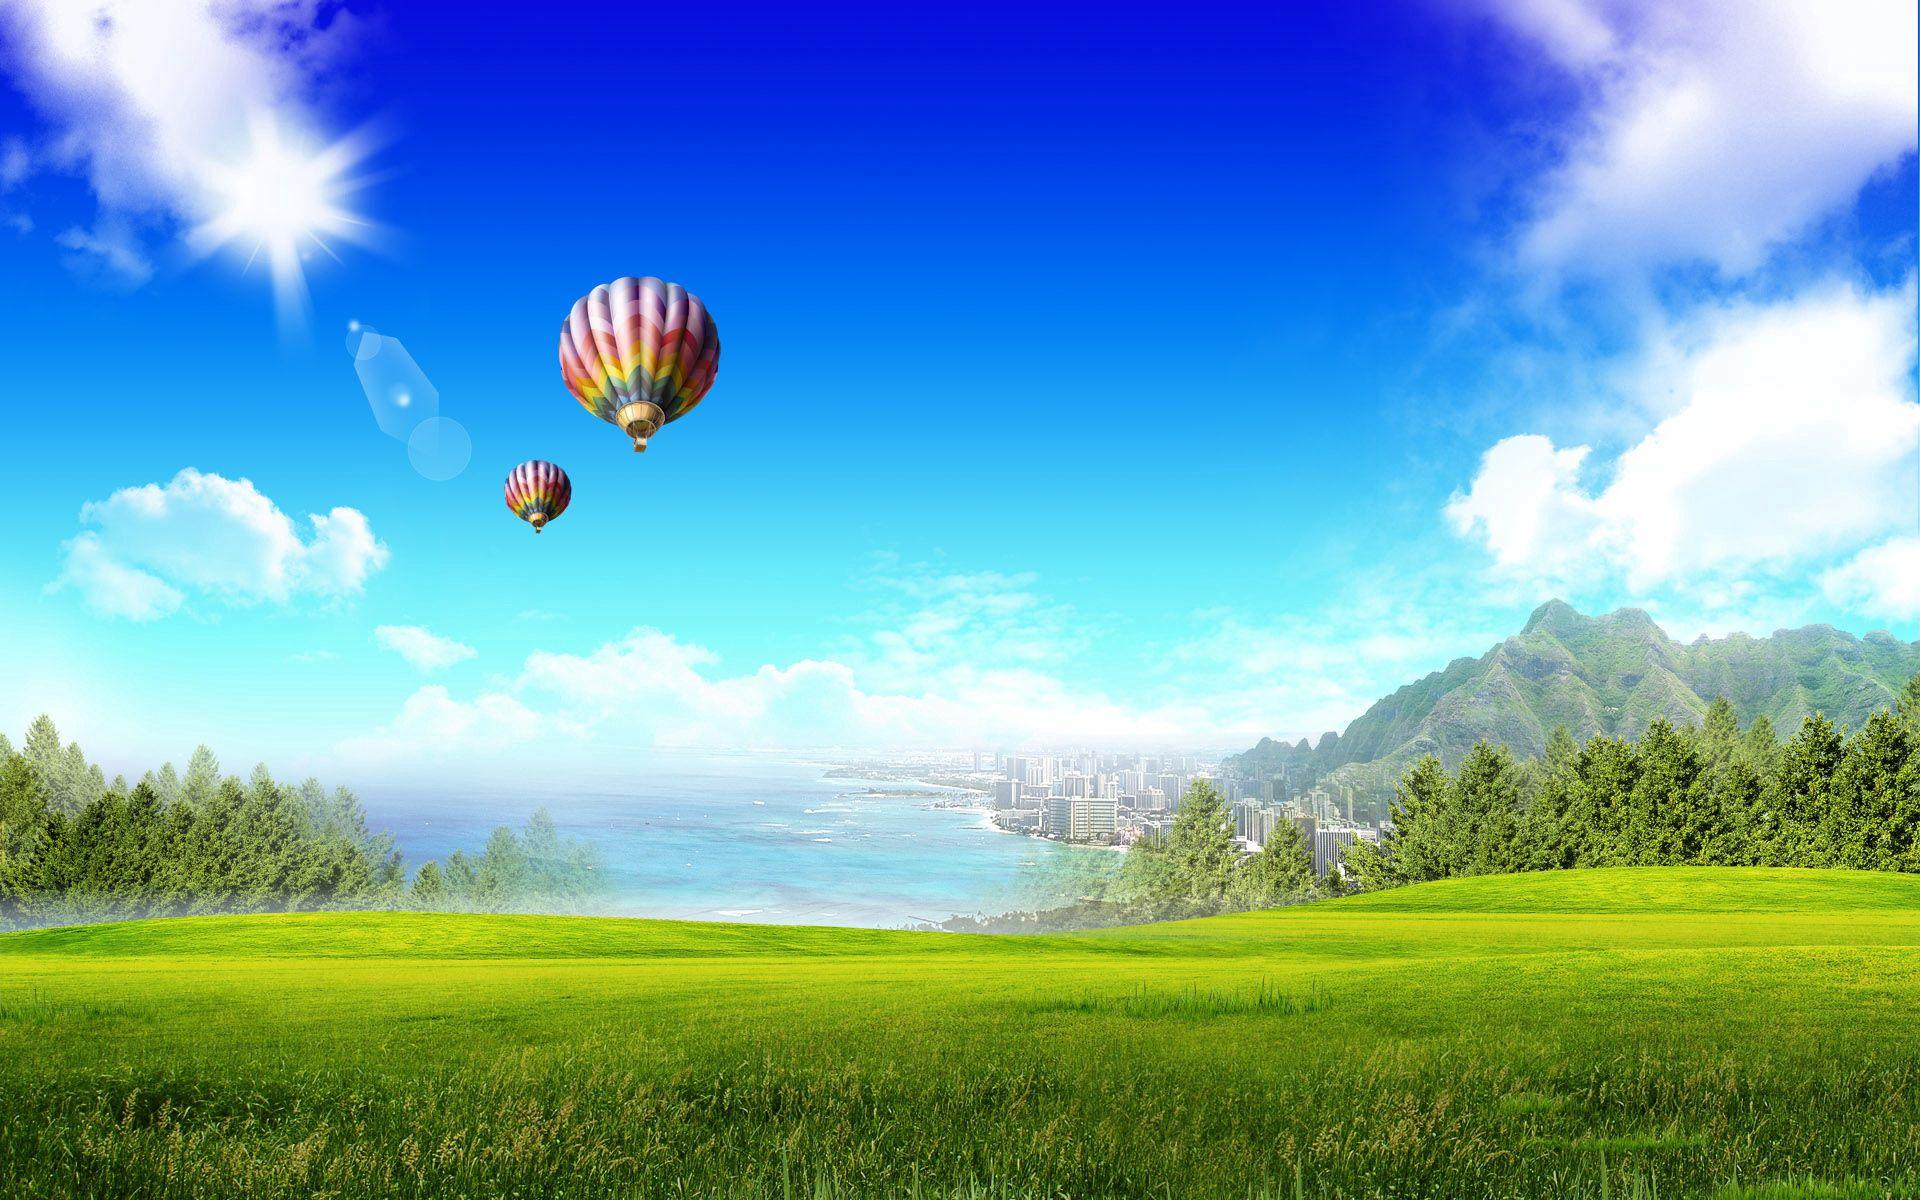 151593 скачать обои Природа, Поле, Зелень, Свет, Блики, Город, Солнце, Воздушные Шары - заставки и картинки бесплатно